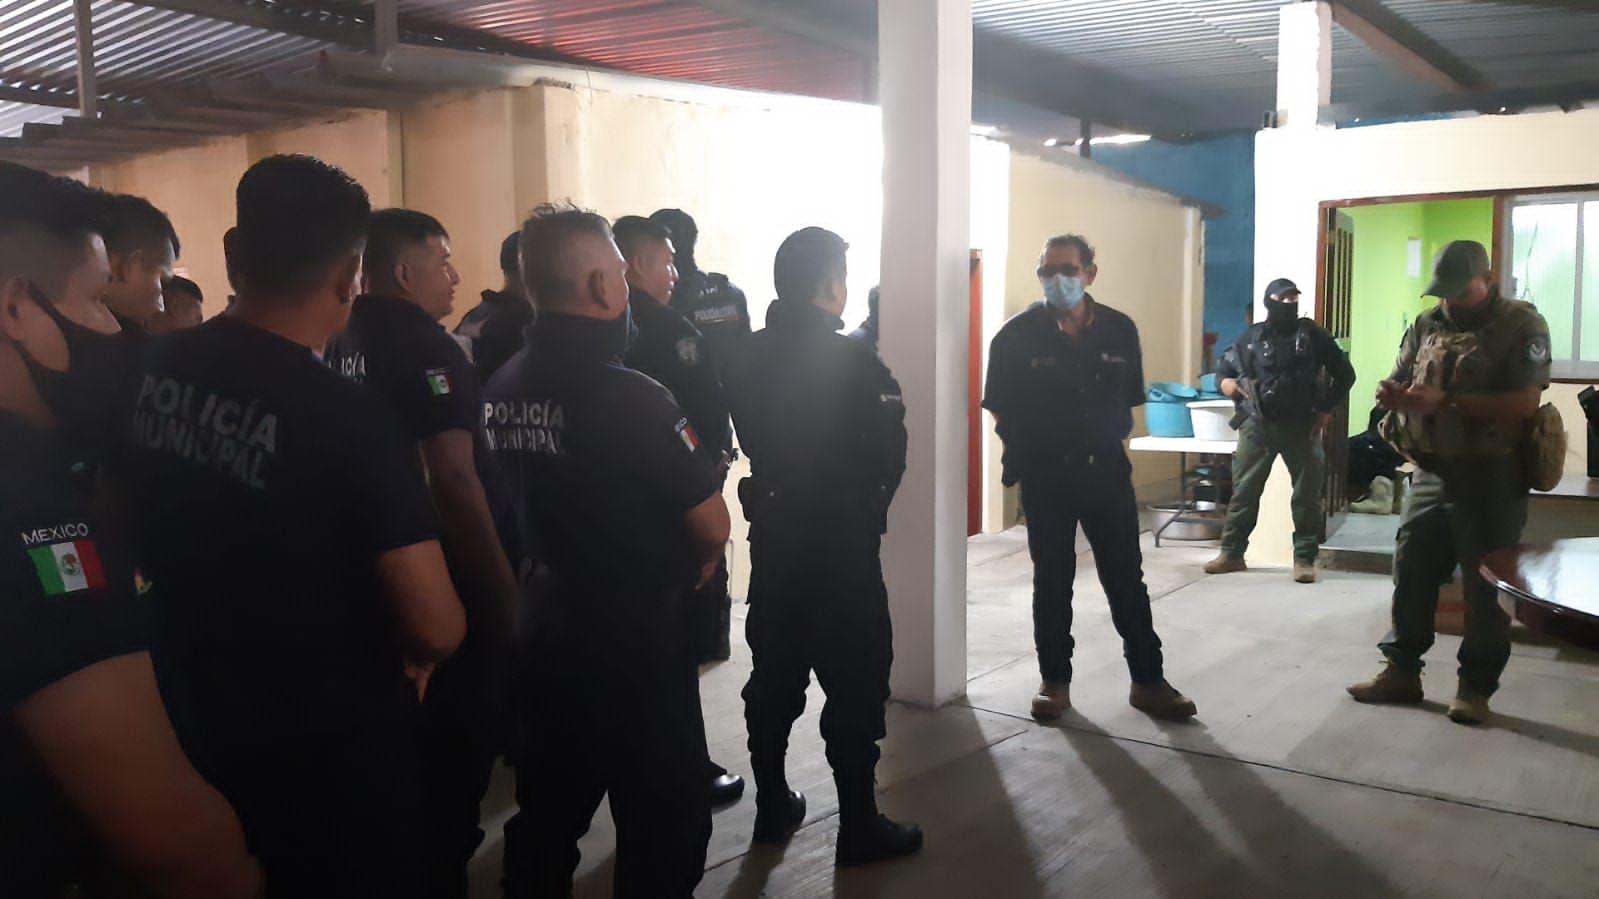 POLICIAS SE NIEGAN A SER EVALUADOS